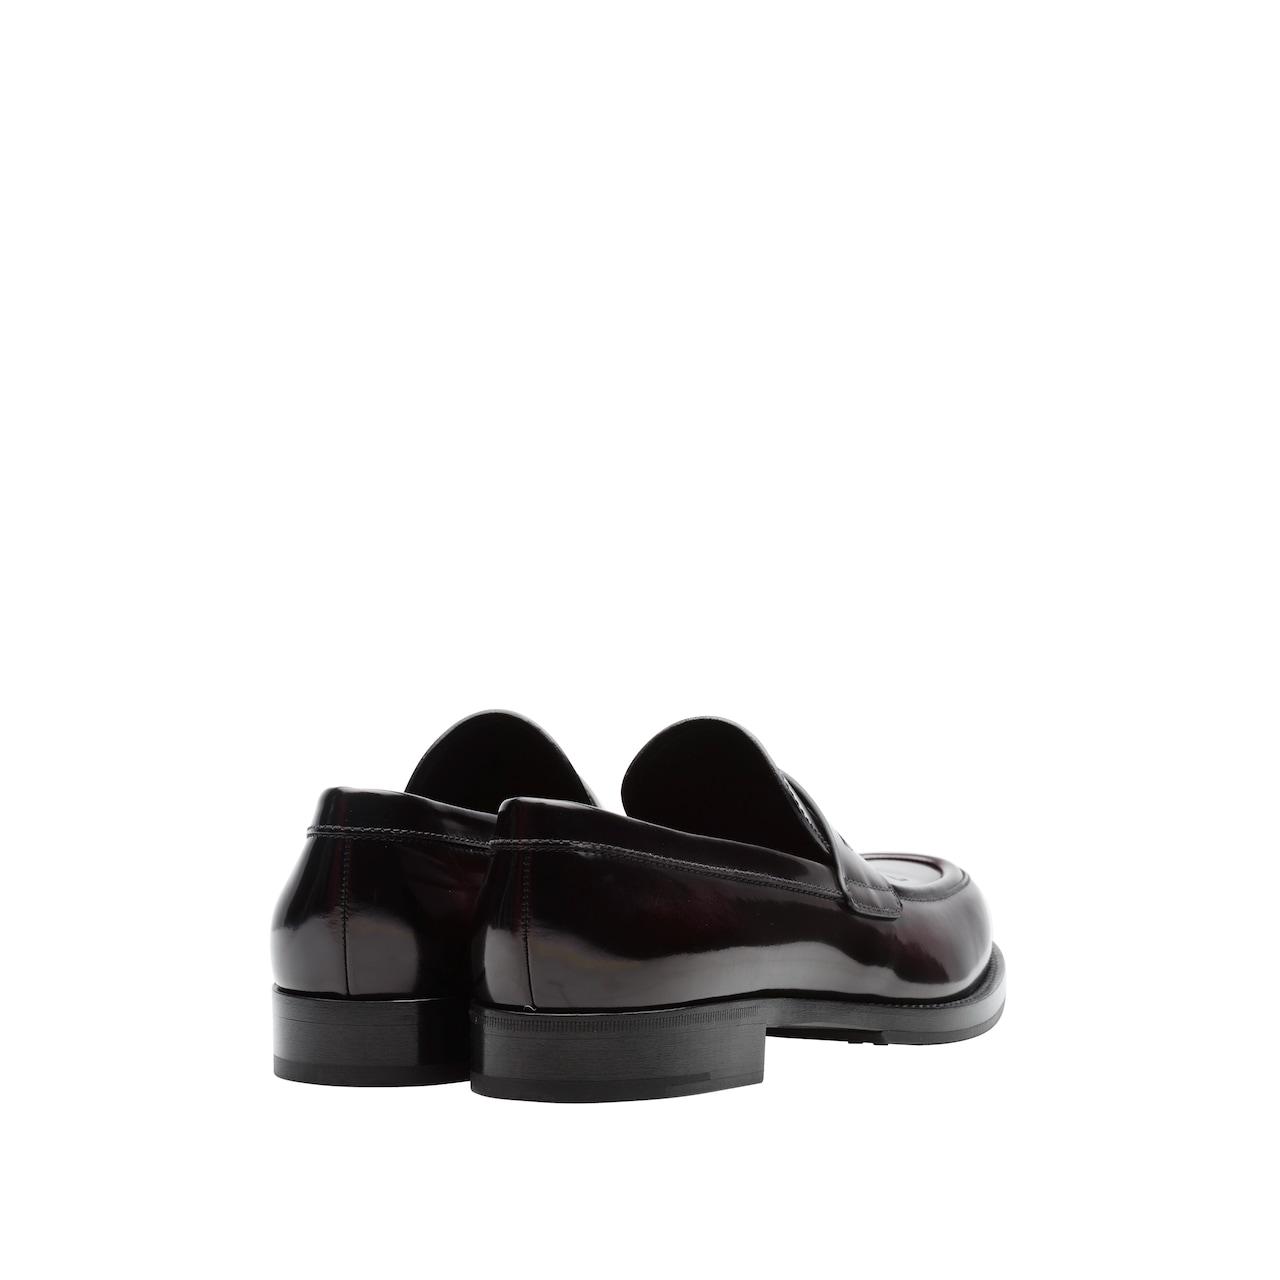 Loafers aus gebürstetem Leder